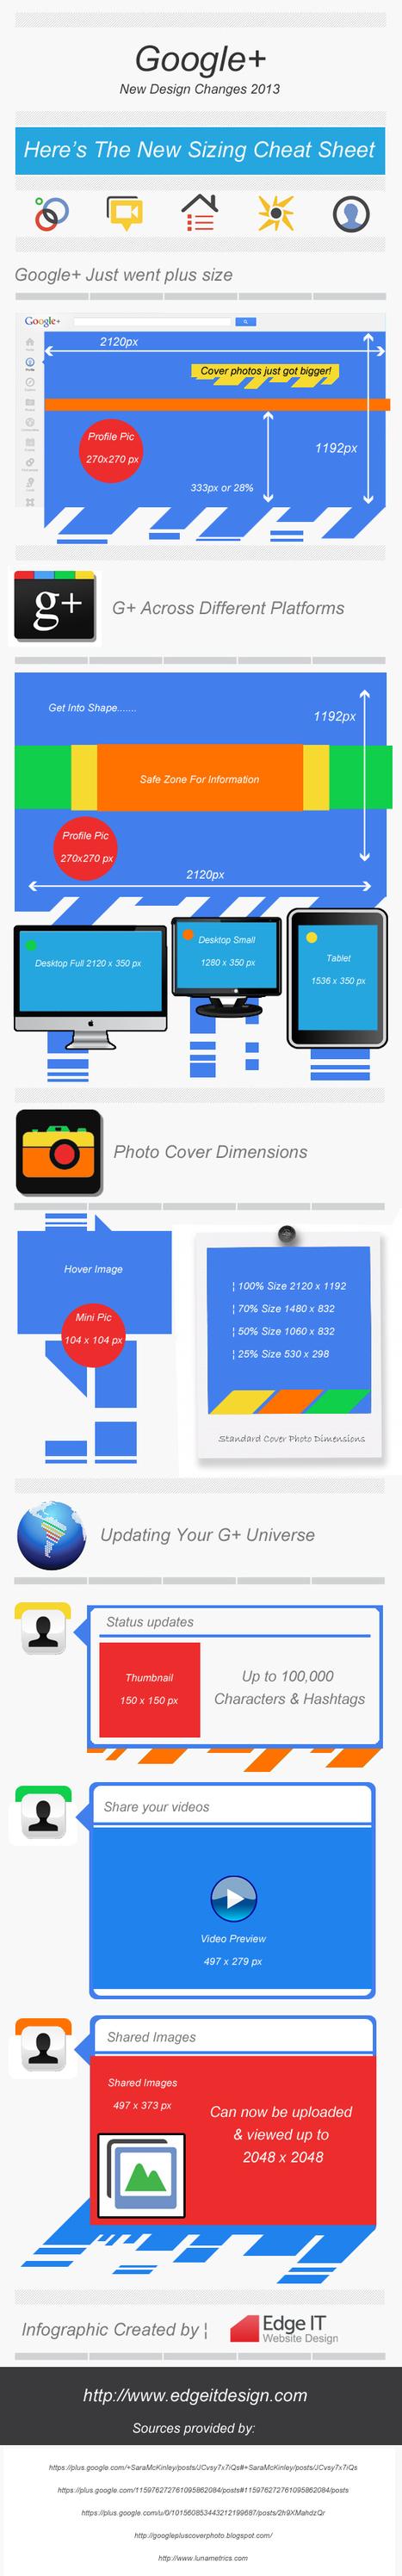 [infografica] Google+ e le nuove dimensioni | cinzia di martino | Storytelling Content Transmedia | Scoop.it